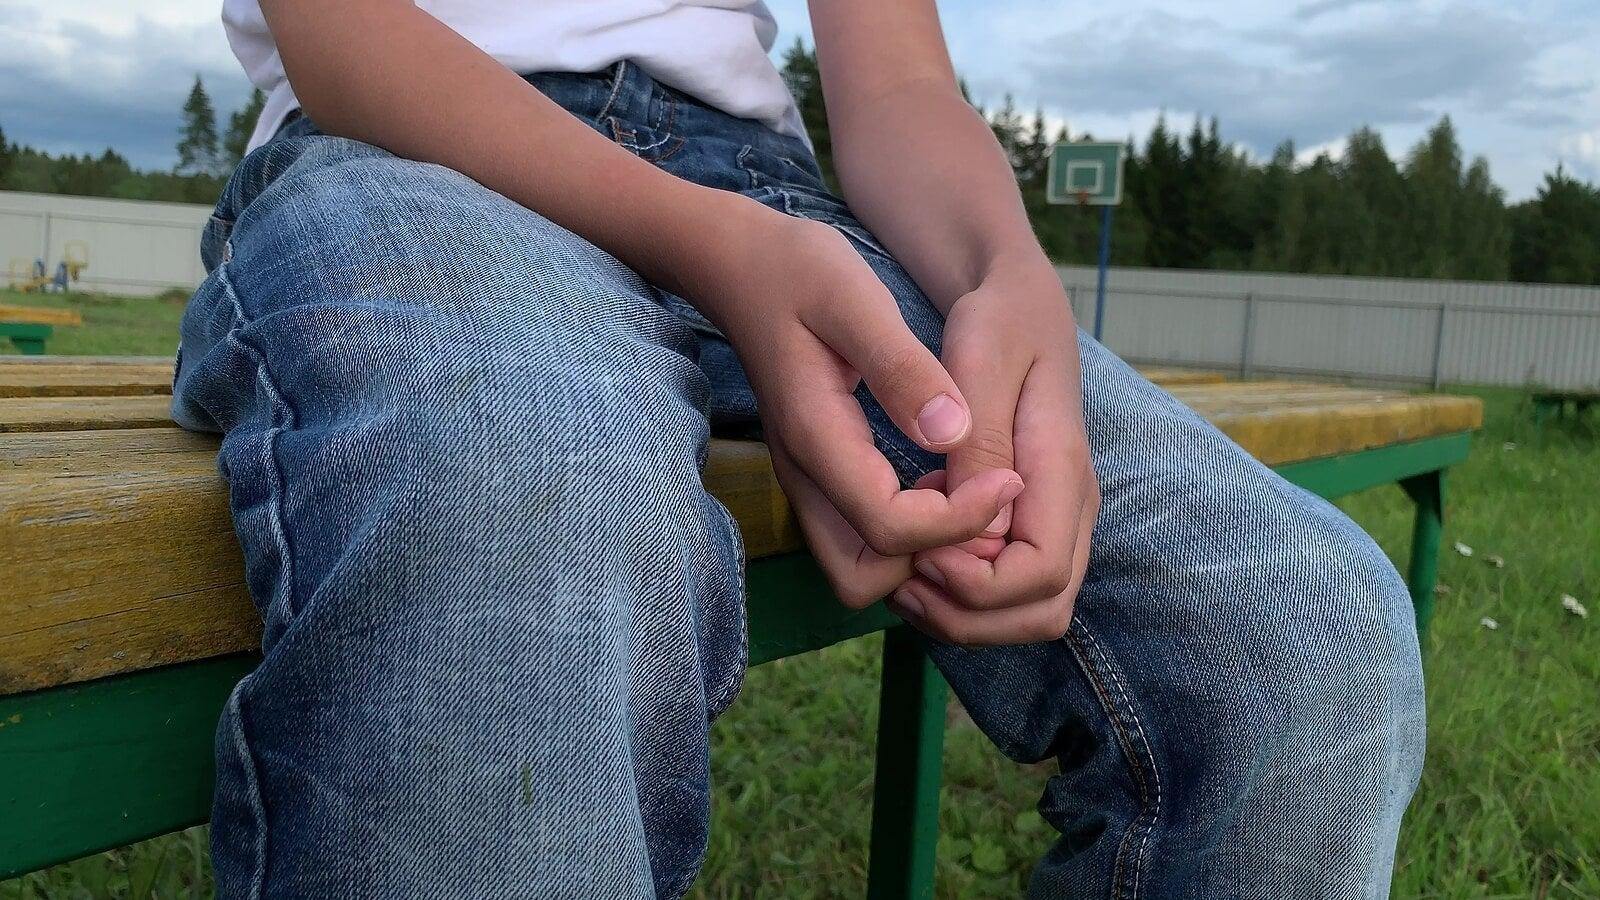 Niño sentado en un banco del parque solo con depresión infantil.